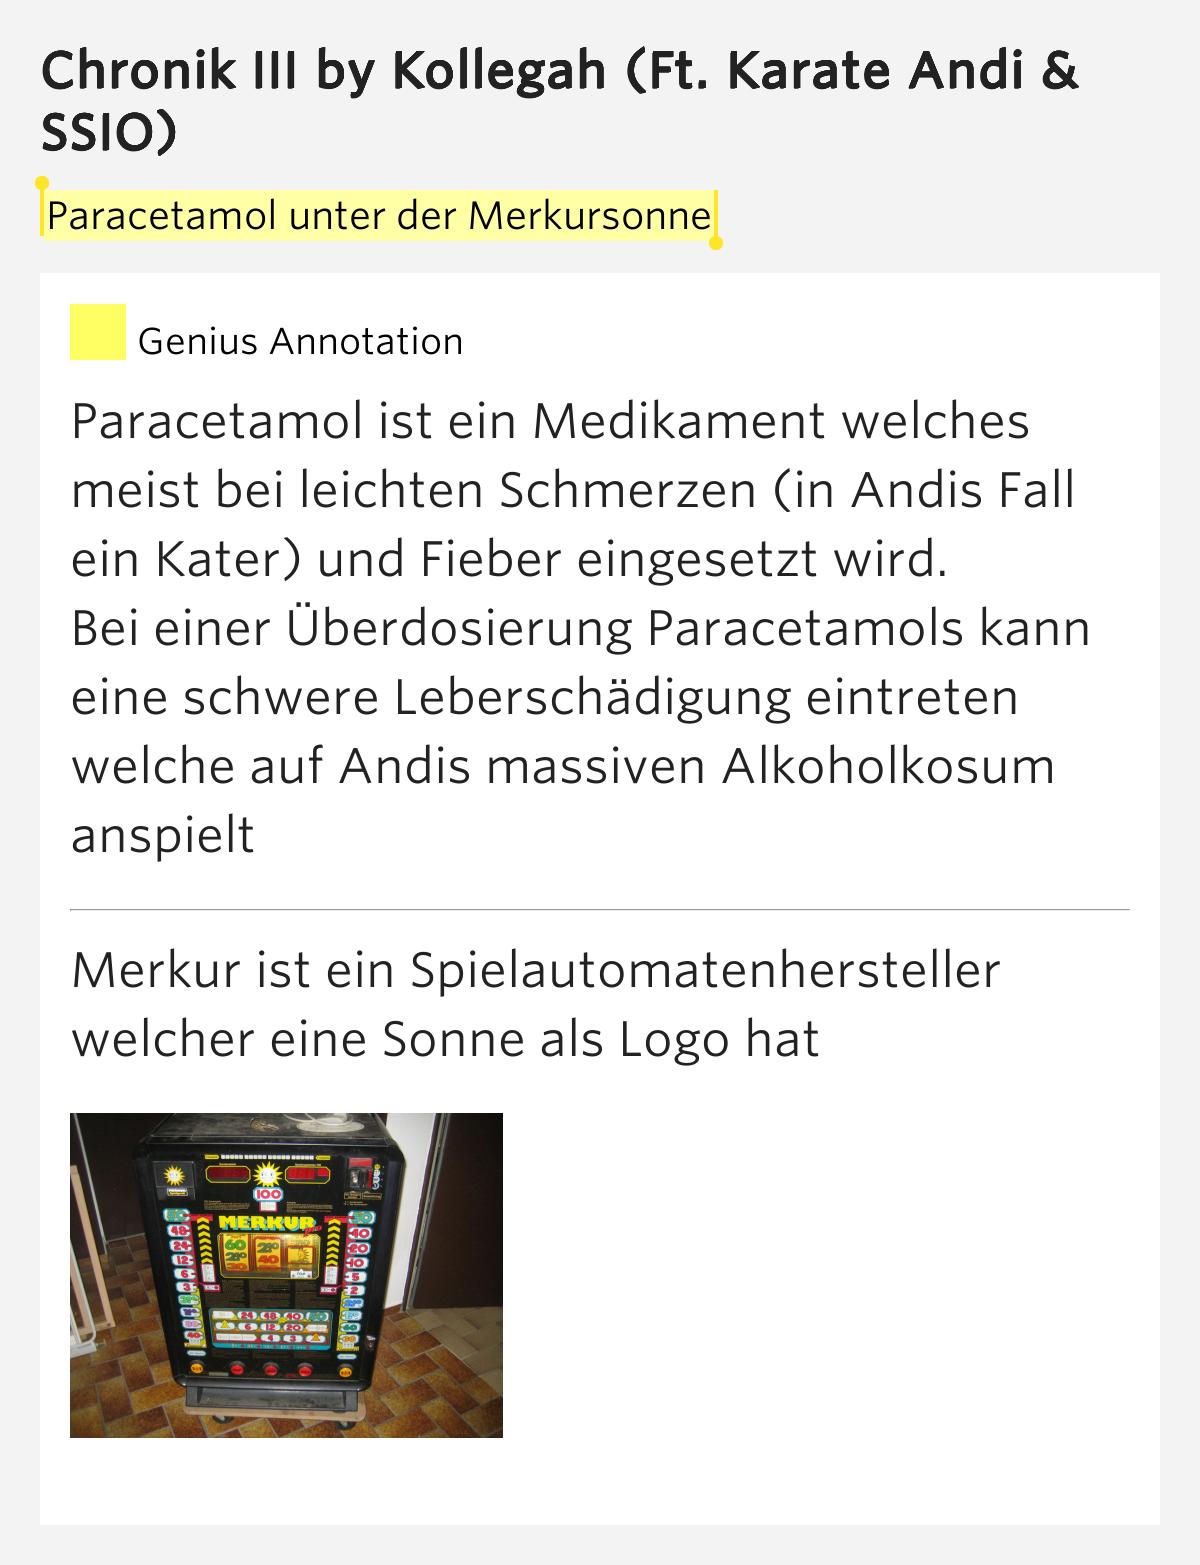 spielautomatenhersteller